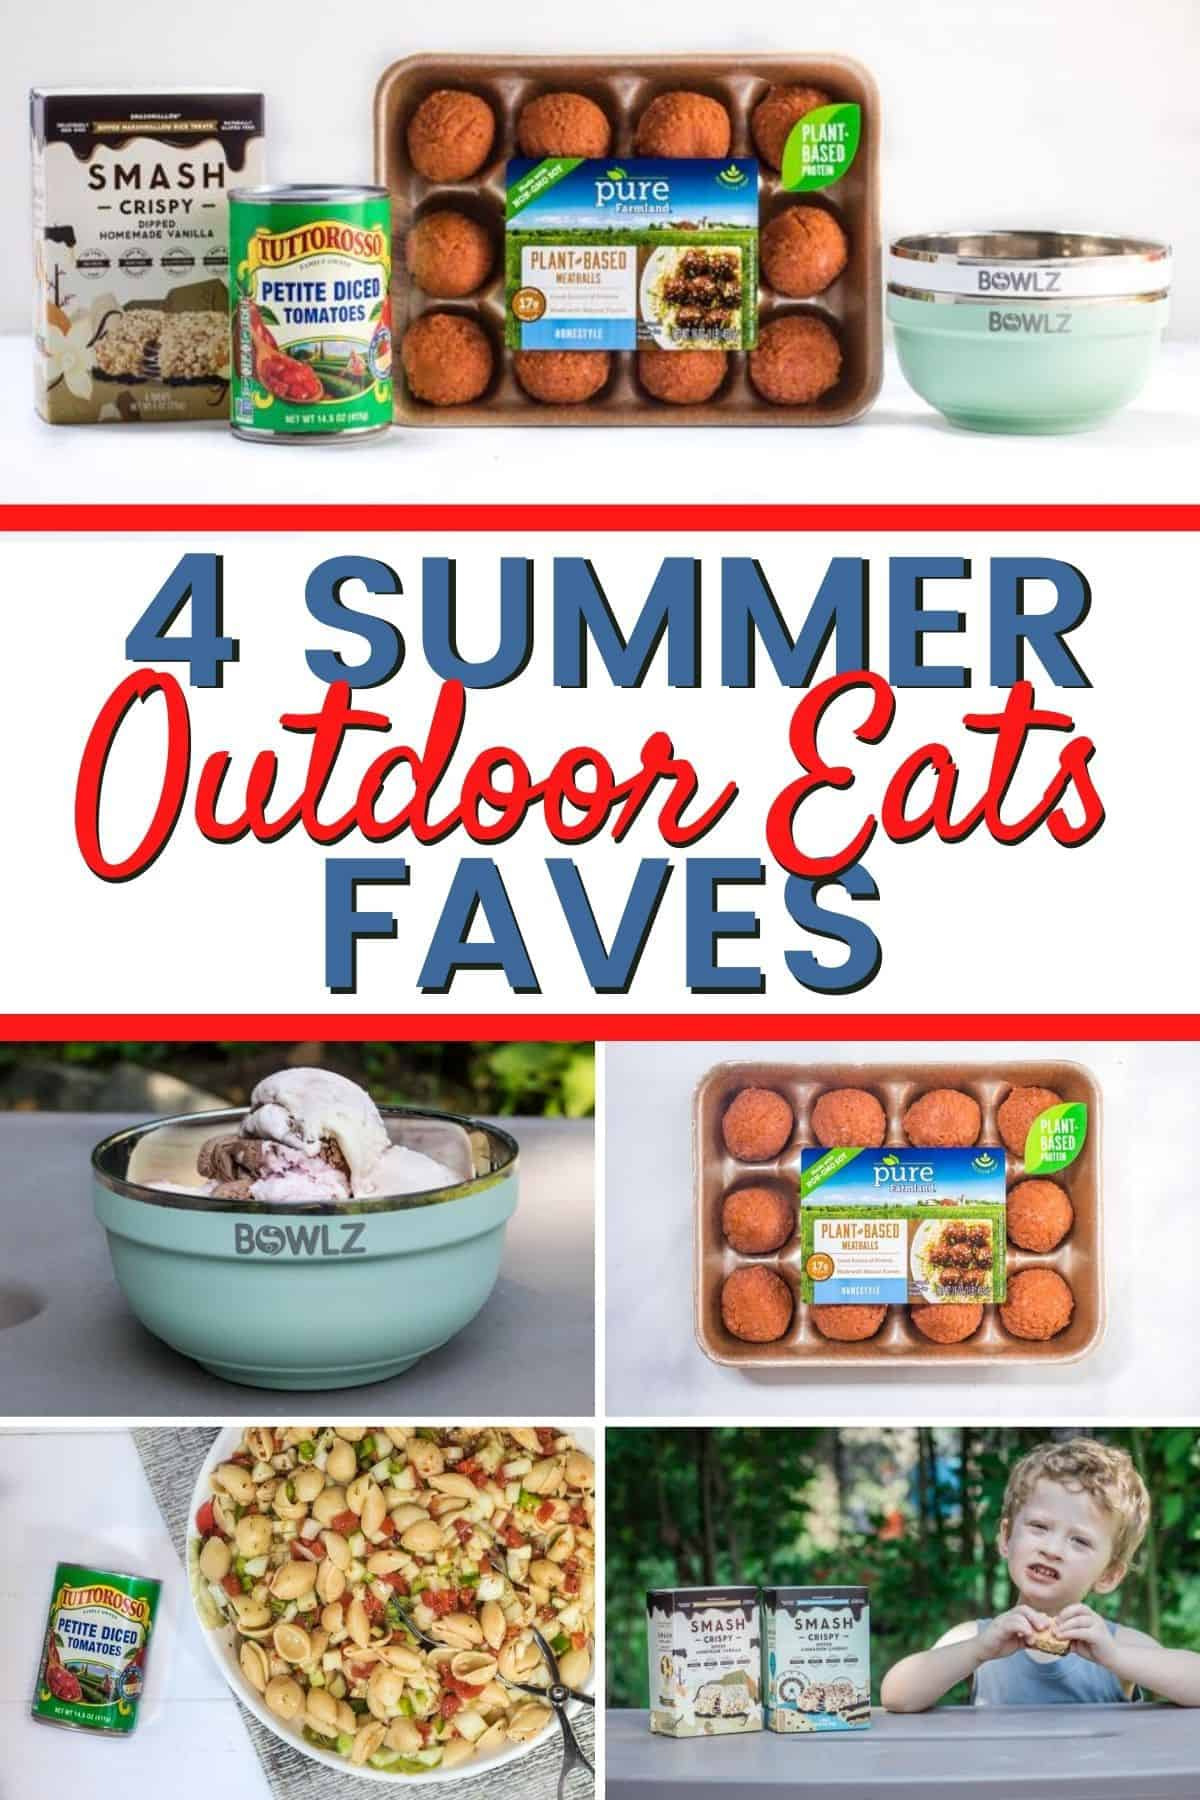 4 Summer Outdoor Eats Faves